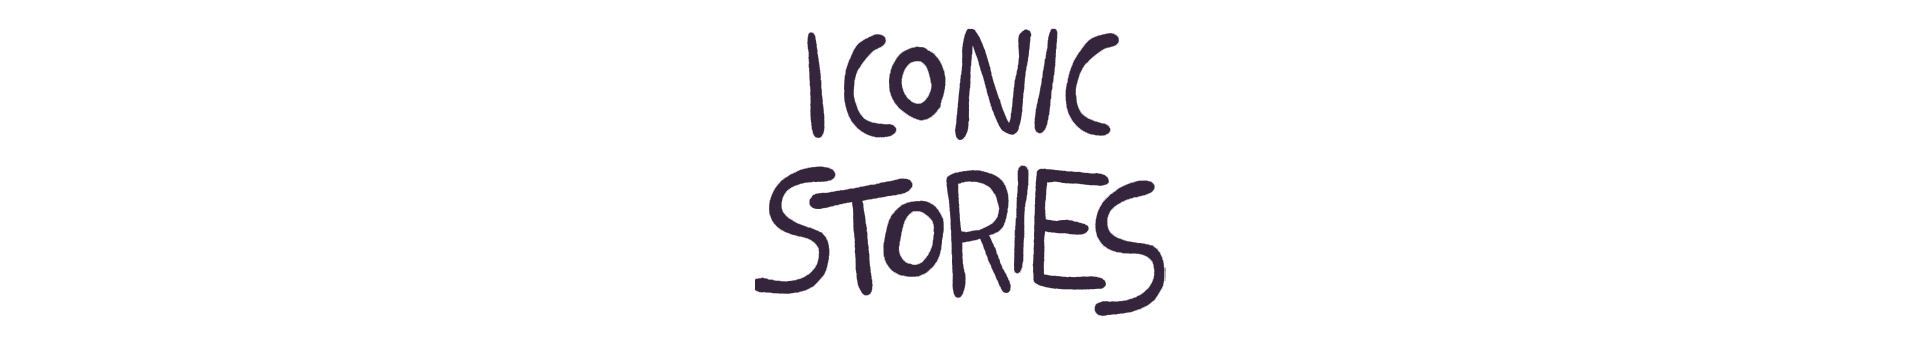 Iconic Stories